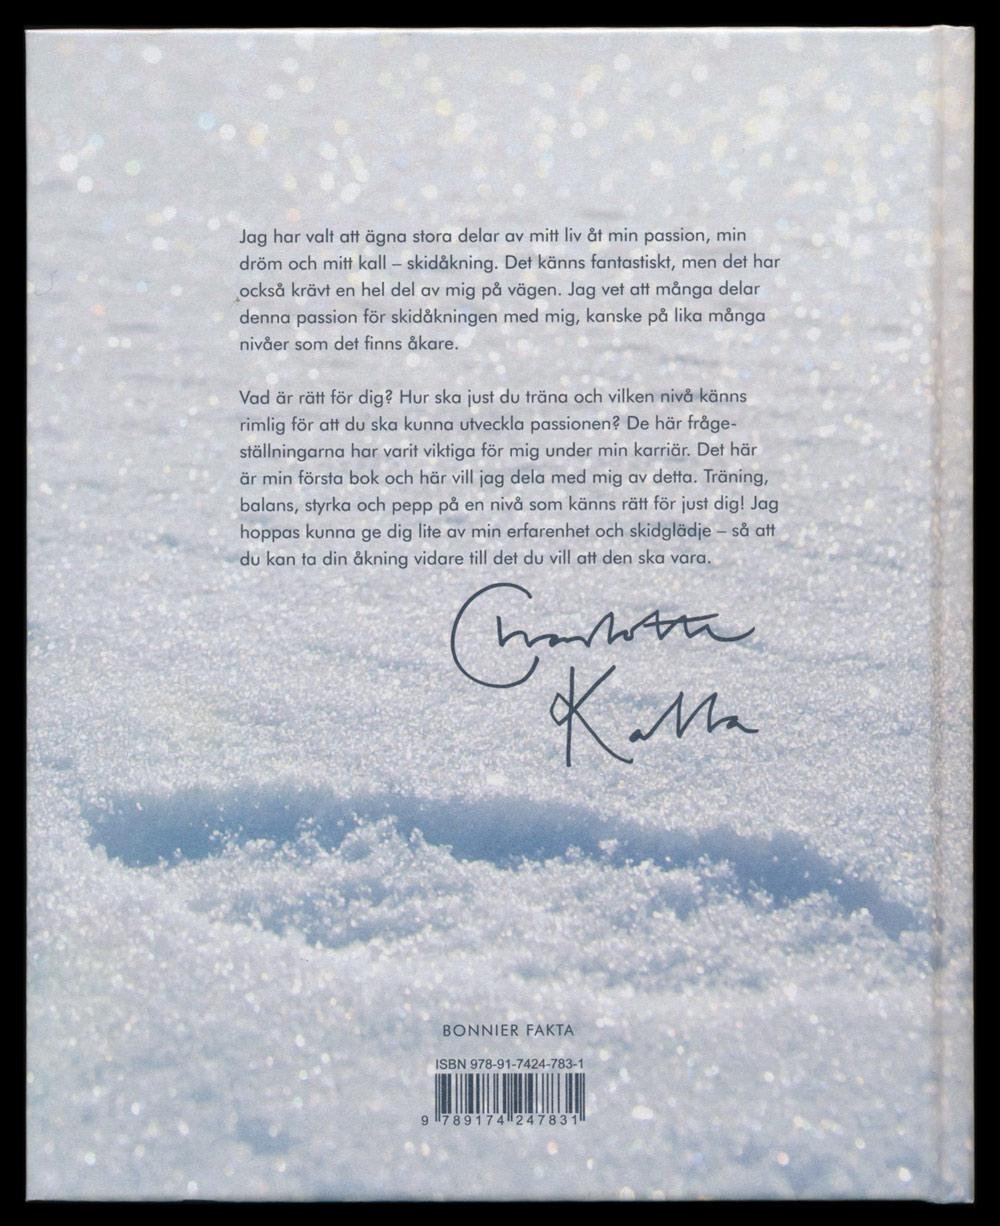 Charlotte Kallas nya bok Styrka, teknik och pannben